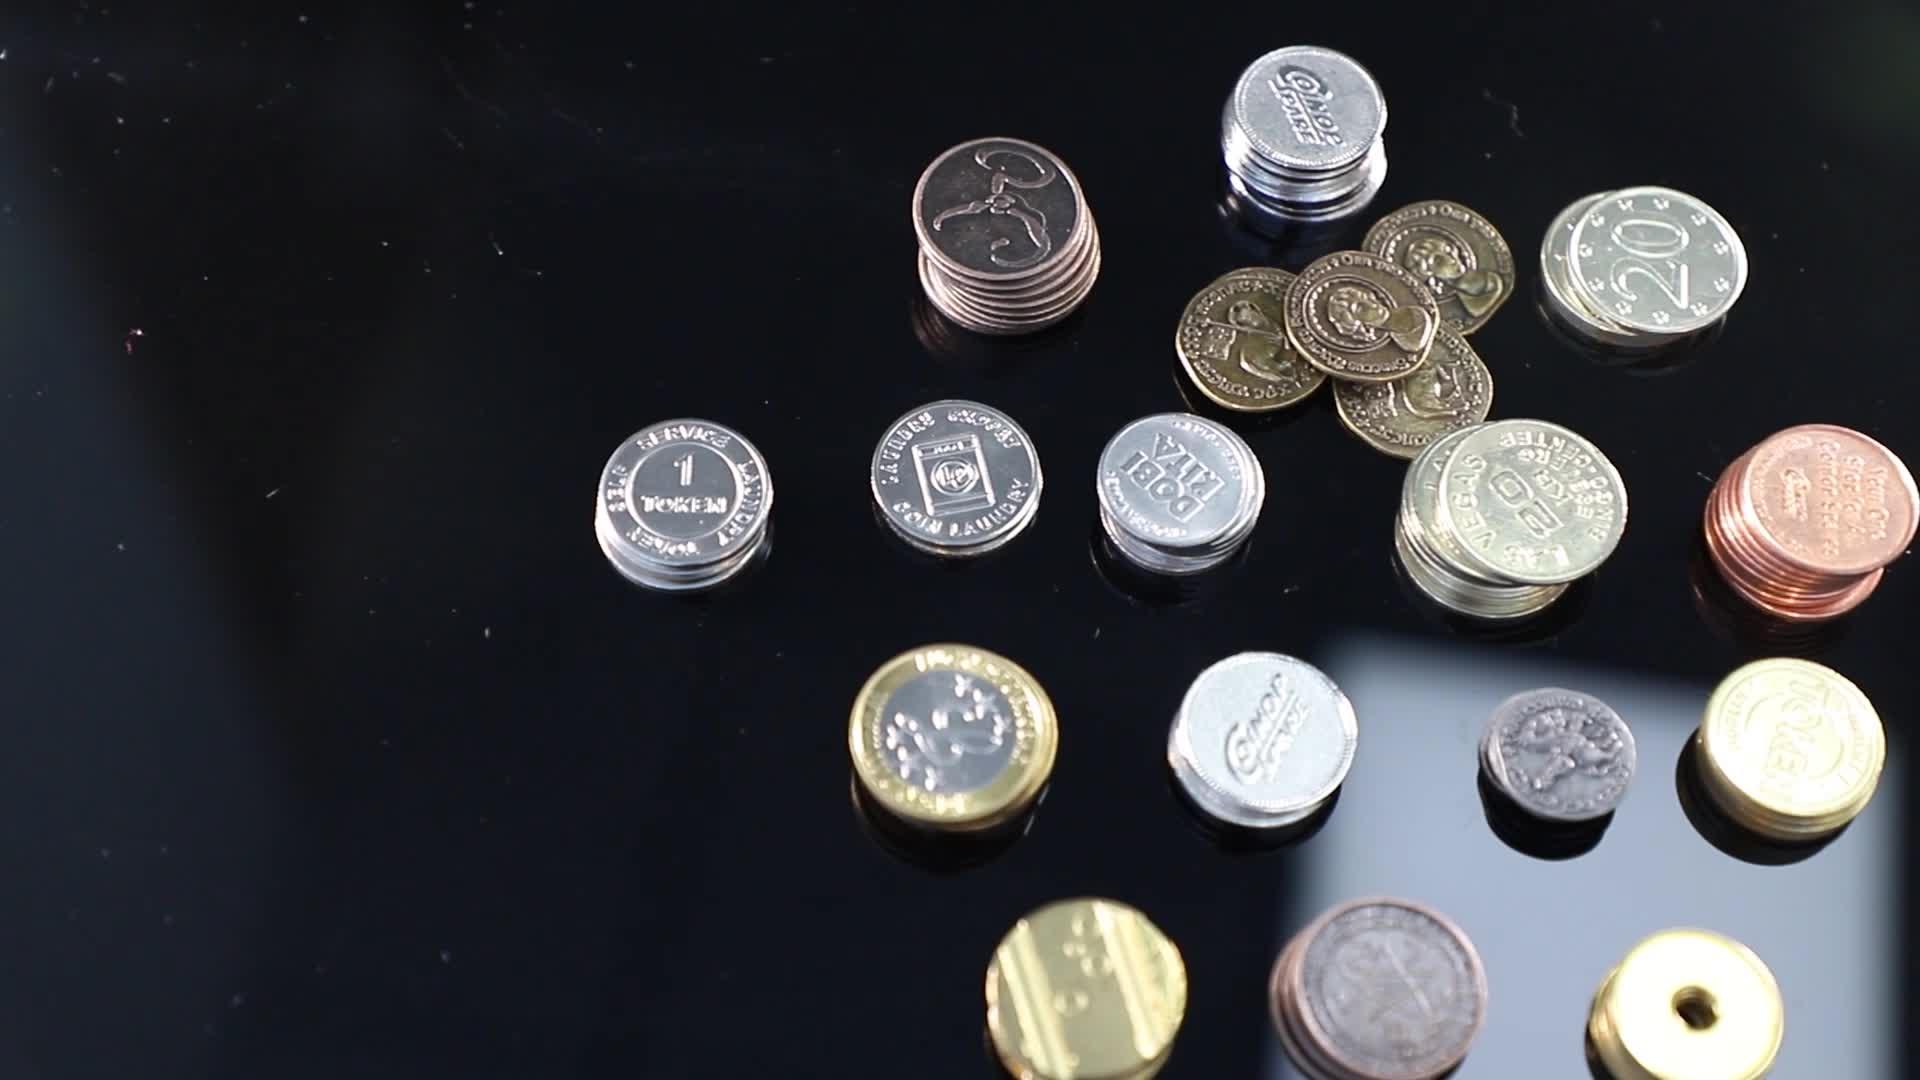 थोक कस्टम आर्केड खेल धातु सोना चांदी टोकन सिक्के